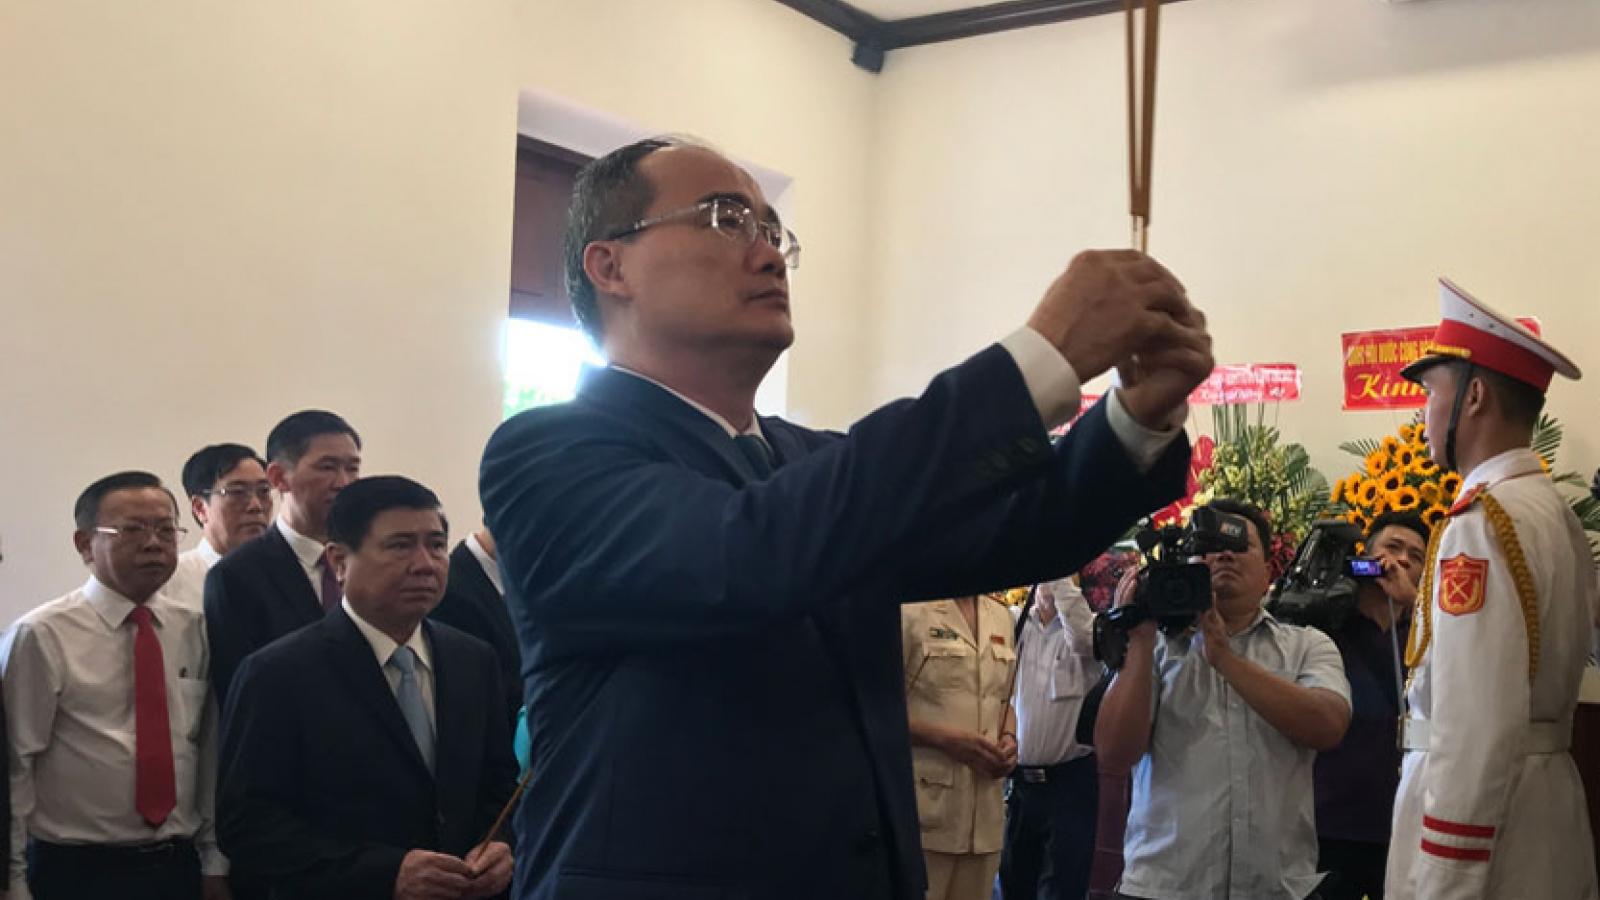 Lãnh đạo TPHCM dâng hương kỷ niệm 130 năm ngày sinh Chủ tịch Hồ Chí Minh